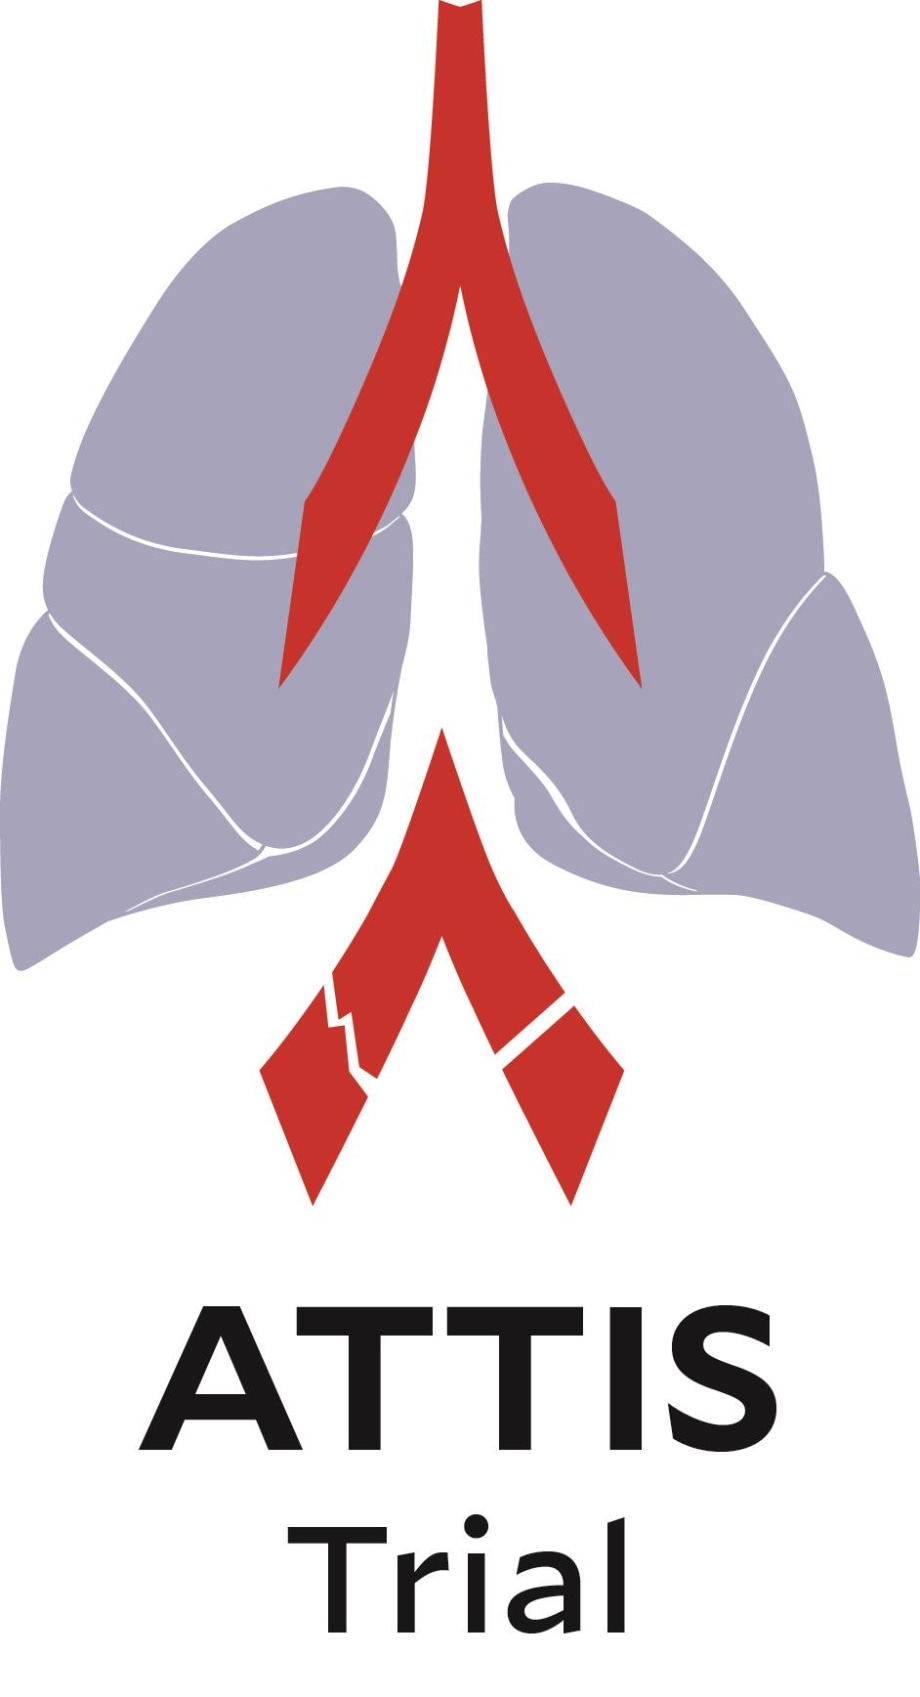 ATTIS Trial logo